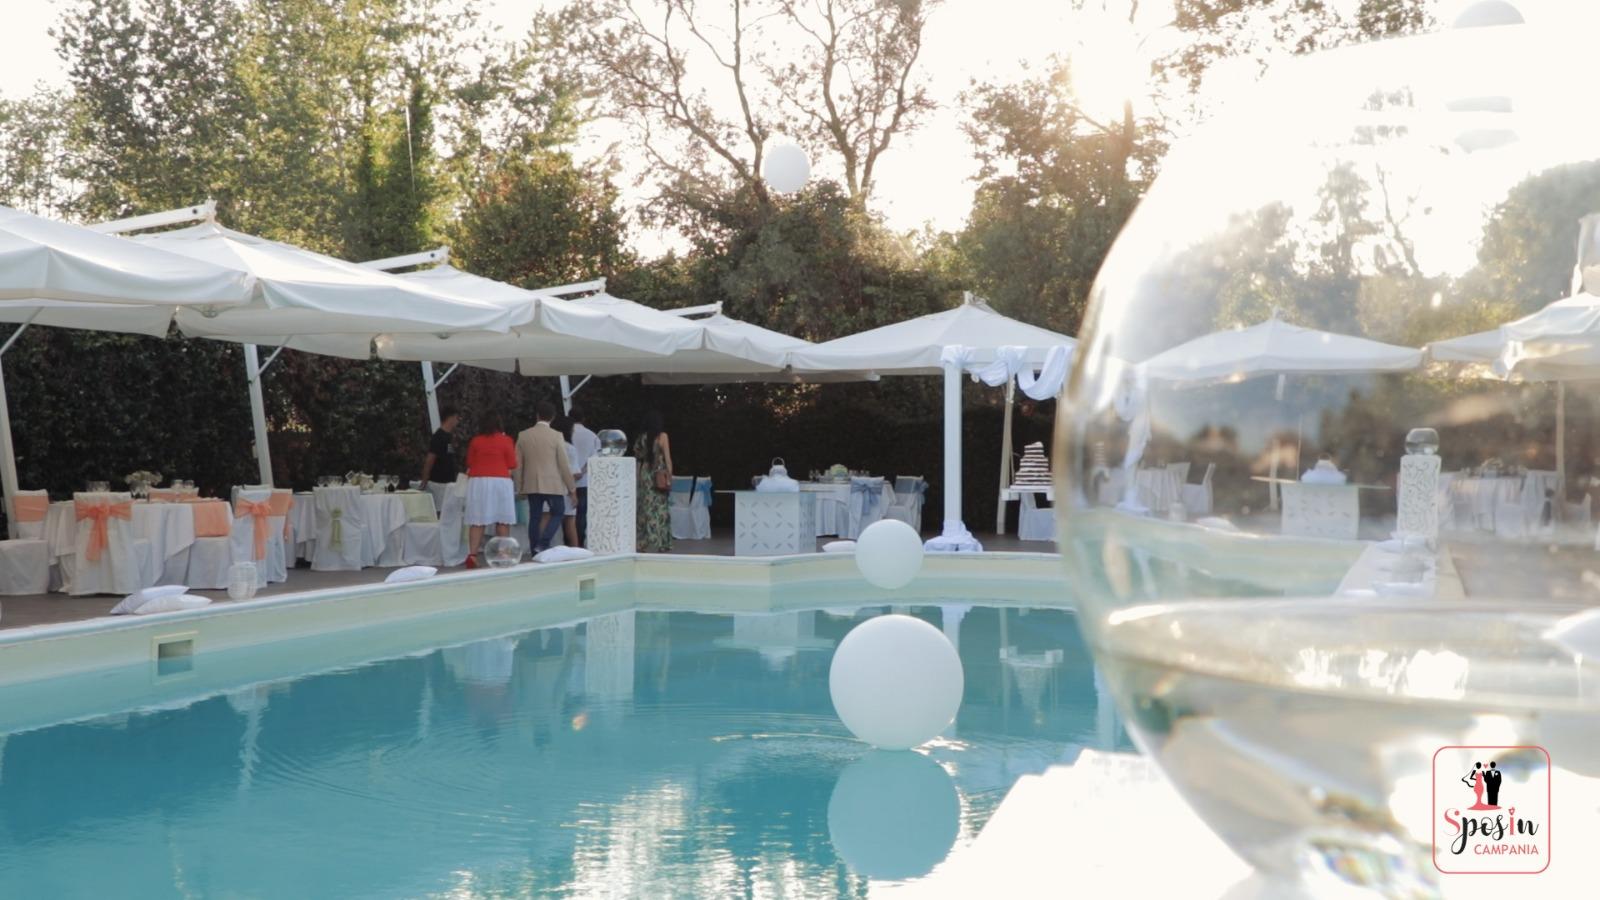 villa eubea, wedding day villa eubea, gruppo laringe, antonio laringe, antonio laringe villa eubea, villa eubea wedding, villa eubea wedding napoli